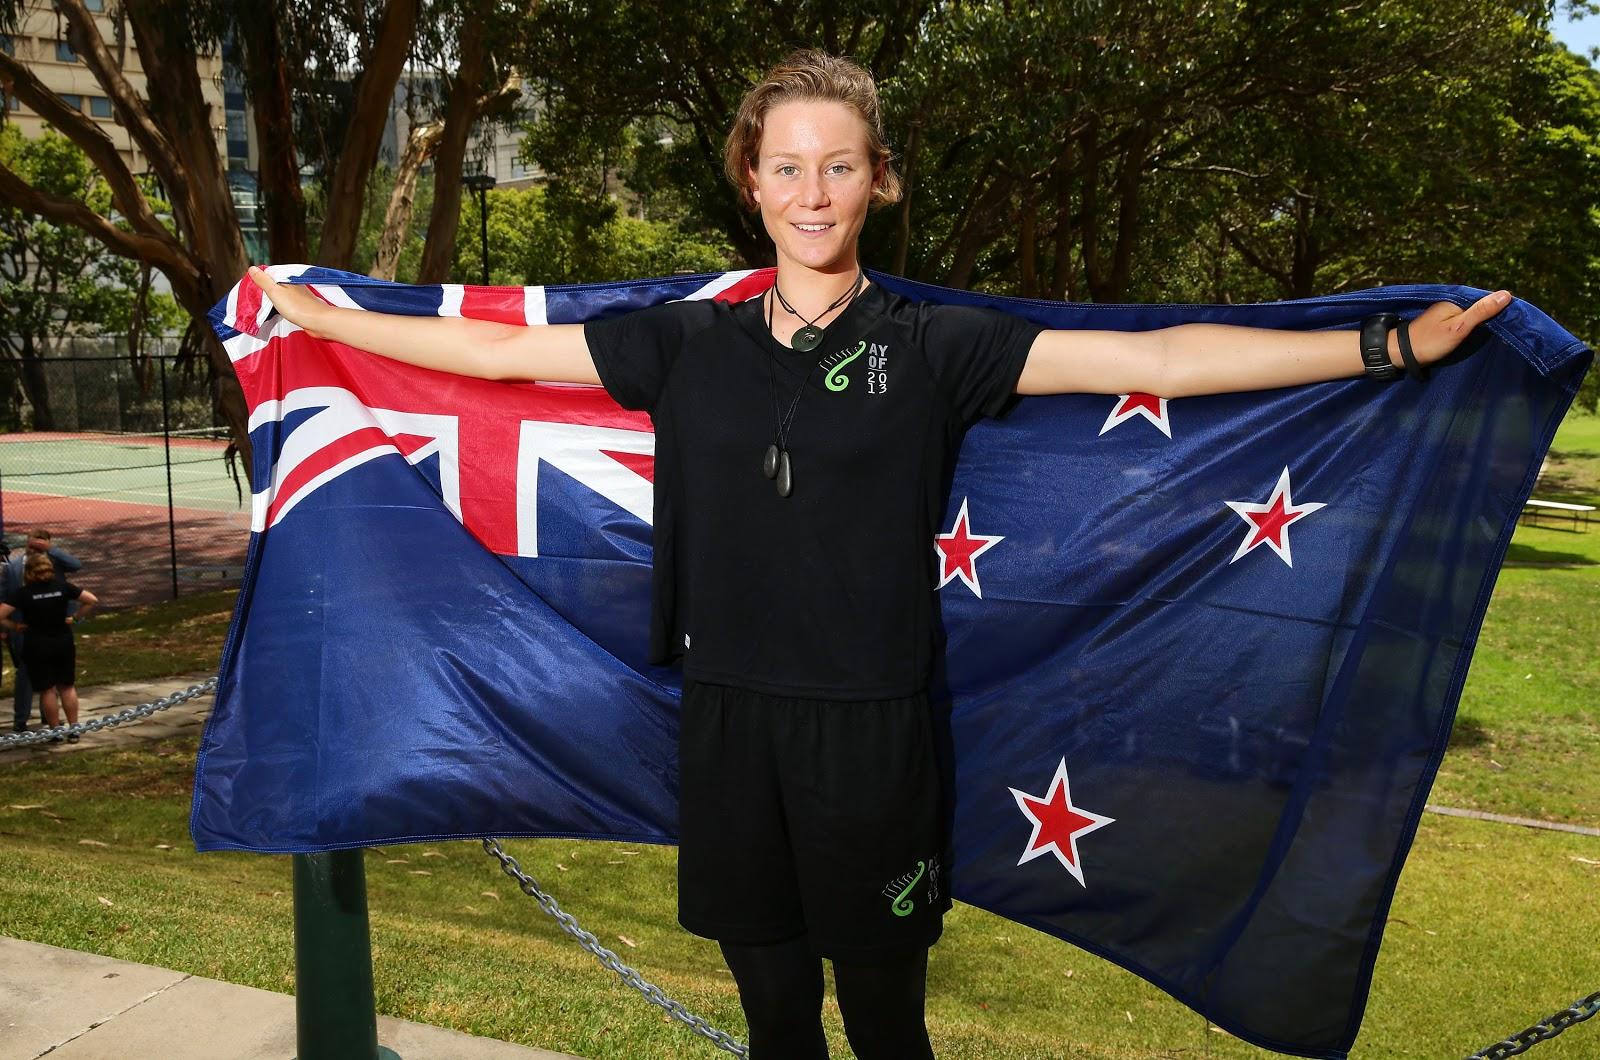 紐西蘭在《經濟學人》2020年度民主指數評比中位列第四。圖為2013年1月15日,Mikayla Nielsen手持紐西蘭國旗。她被任命為澳洲青年奧林匹克開幕式上紐西蘭隊的旗手。( Matt King/Getty Images for NZOC)